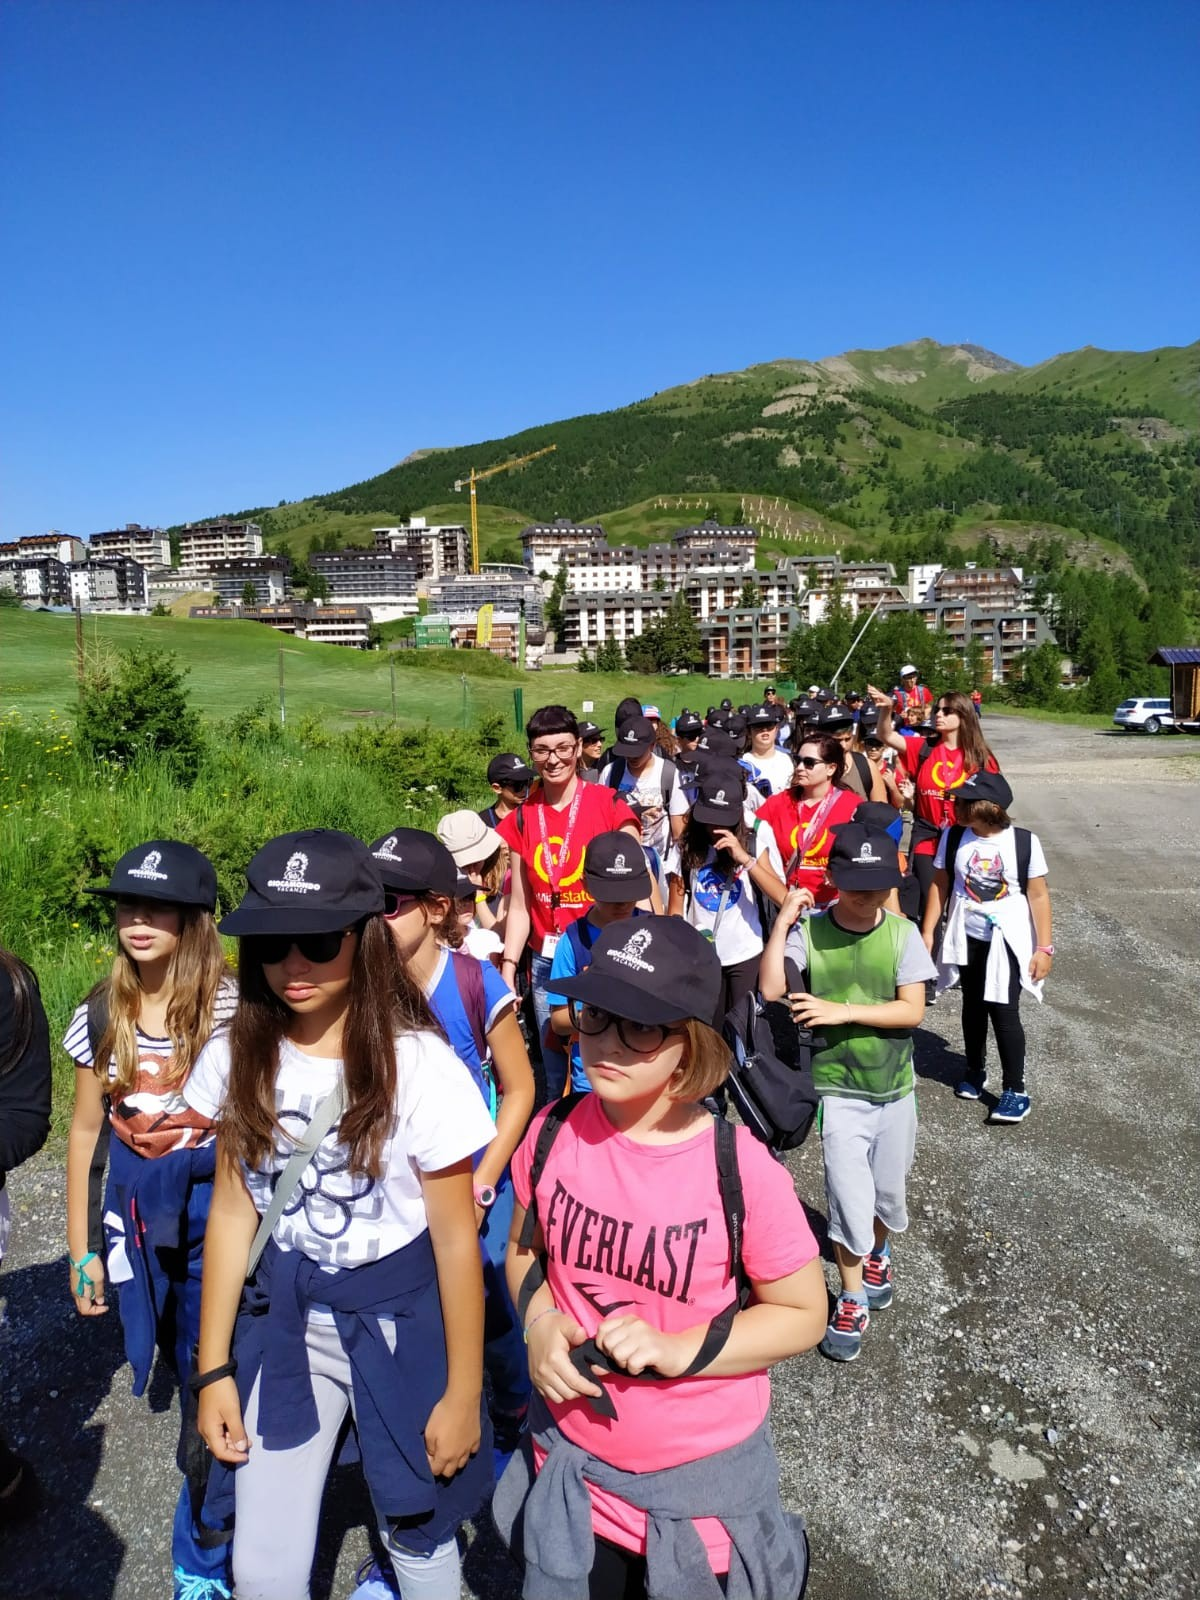 Grand Hotel Duchi D'Aosta 3*** // Scuola Harry Potter Junior Archivi --GRAND-HOTEL-DUCHI-DAOSTA-PICCOLI-SCIENZIATI-IN-PIEMONTE-TURNO1-GIORNO2-4